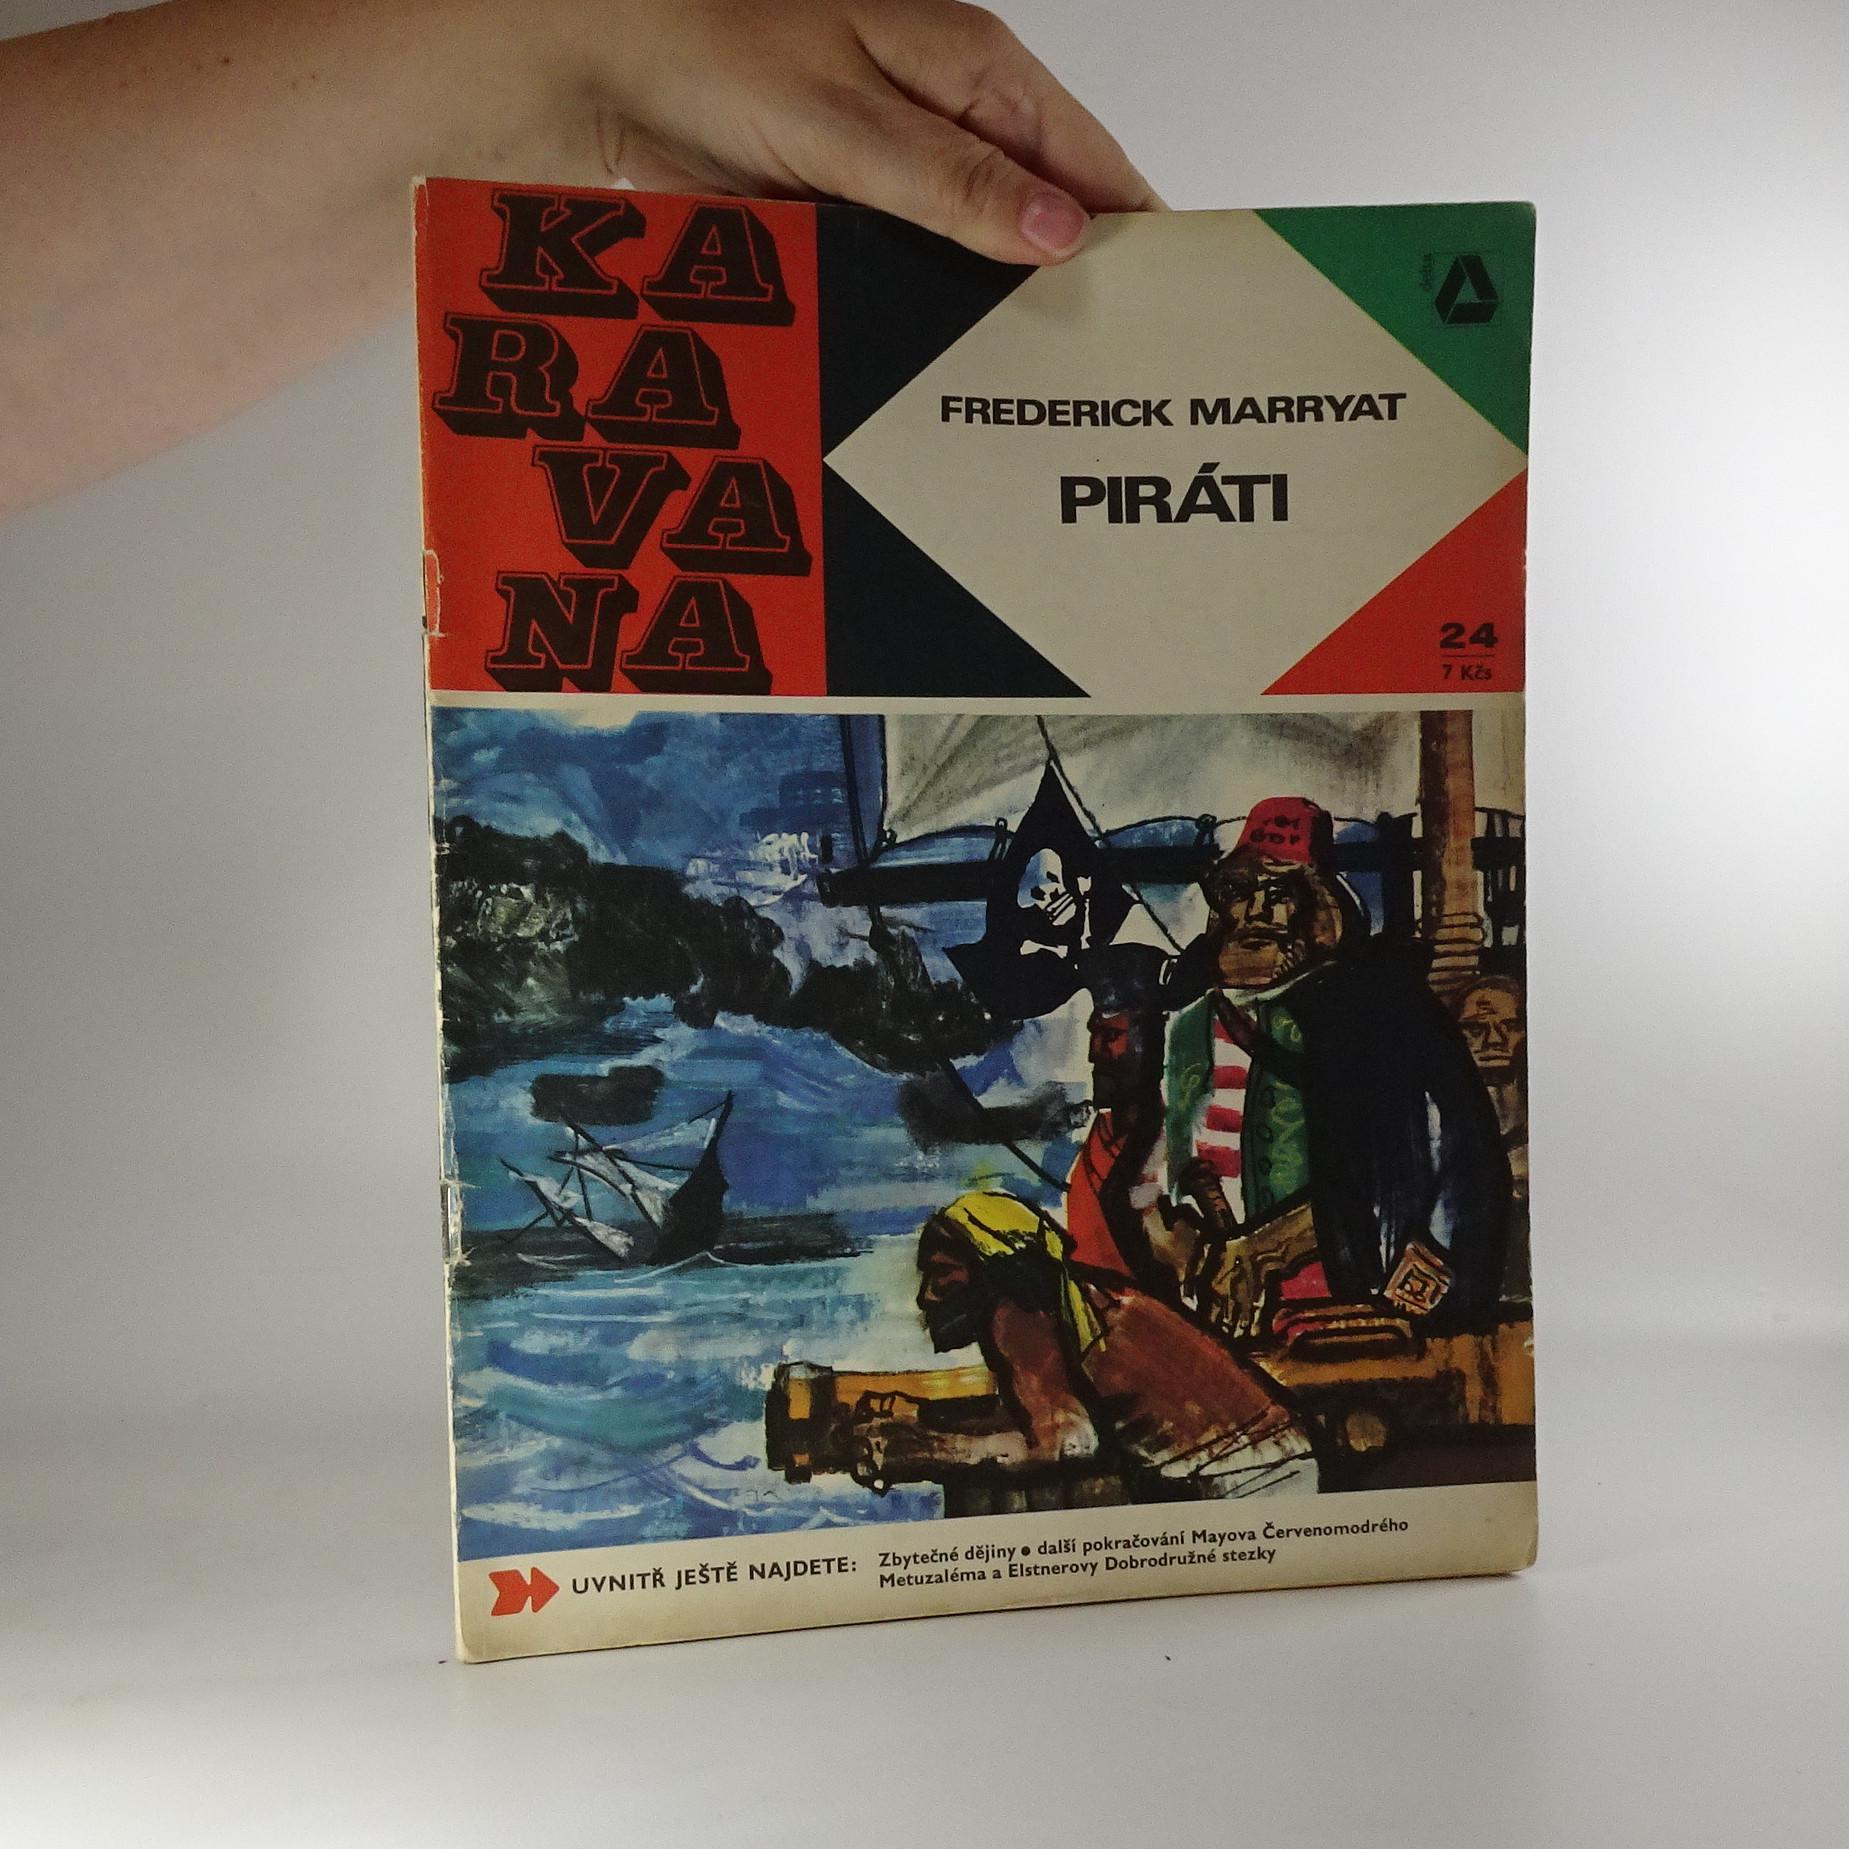 antikvární kniha Karavana č. 24, Piráti, 1969, 1969